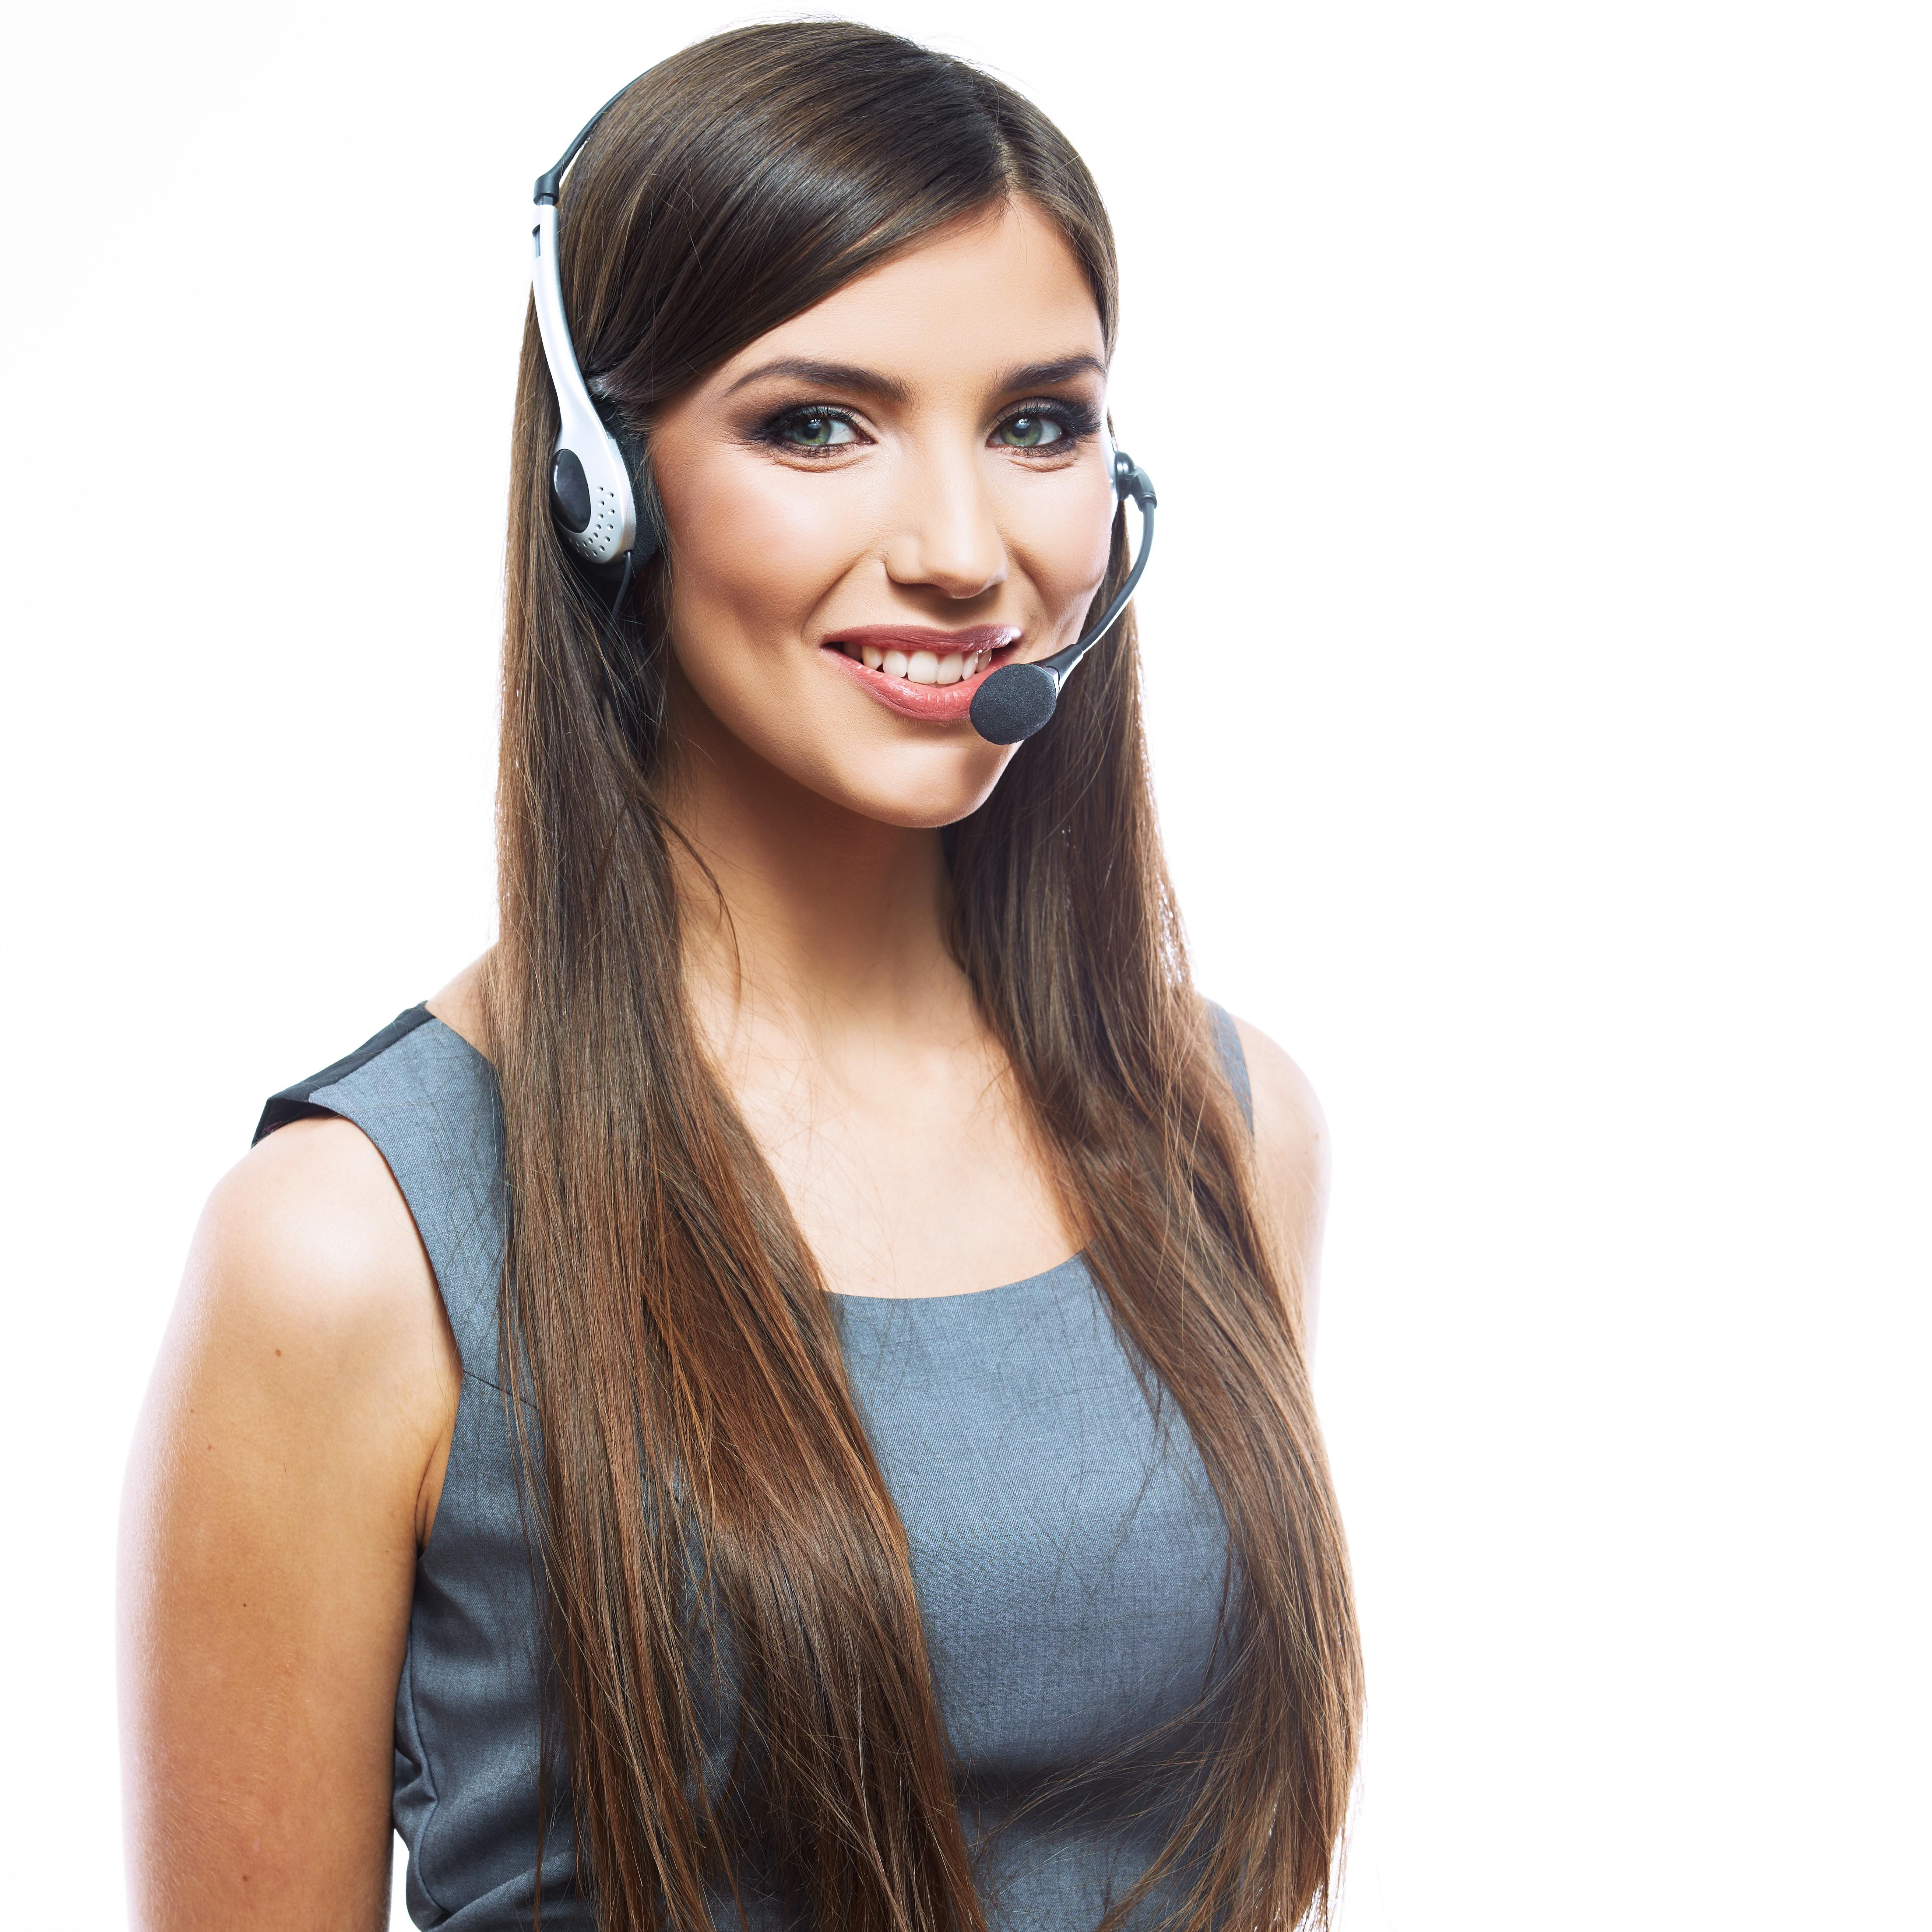 Télephone information entreprise  Les Domaines Qui Montent